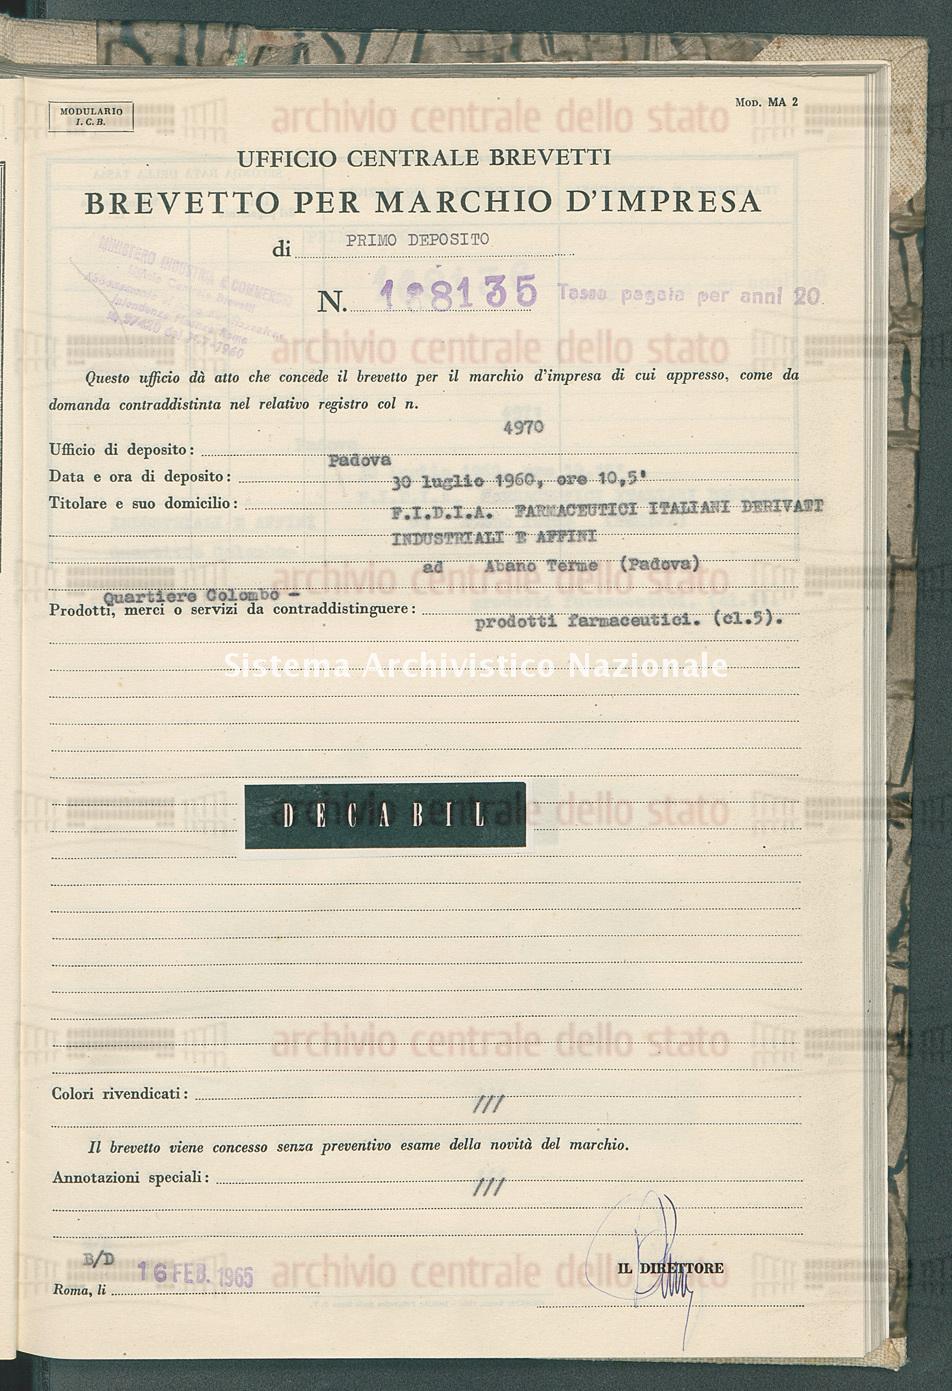 Prodotti farmaceutici F.I.D.I.A. Farmaceutici Italiani Derivati Industriali E Affini (16/02/1965)